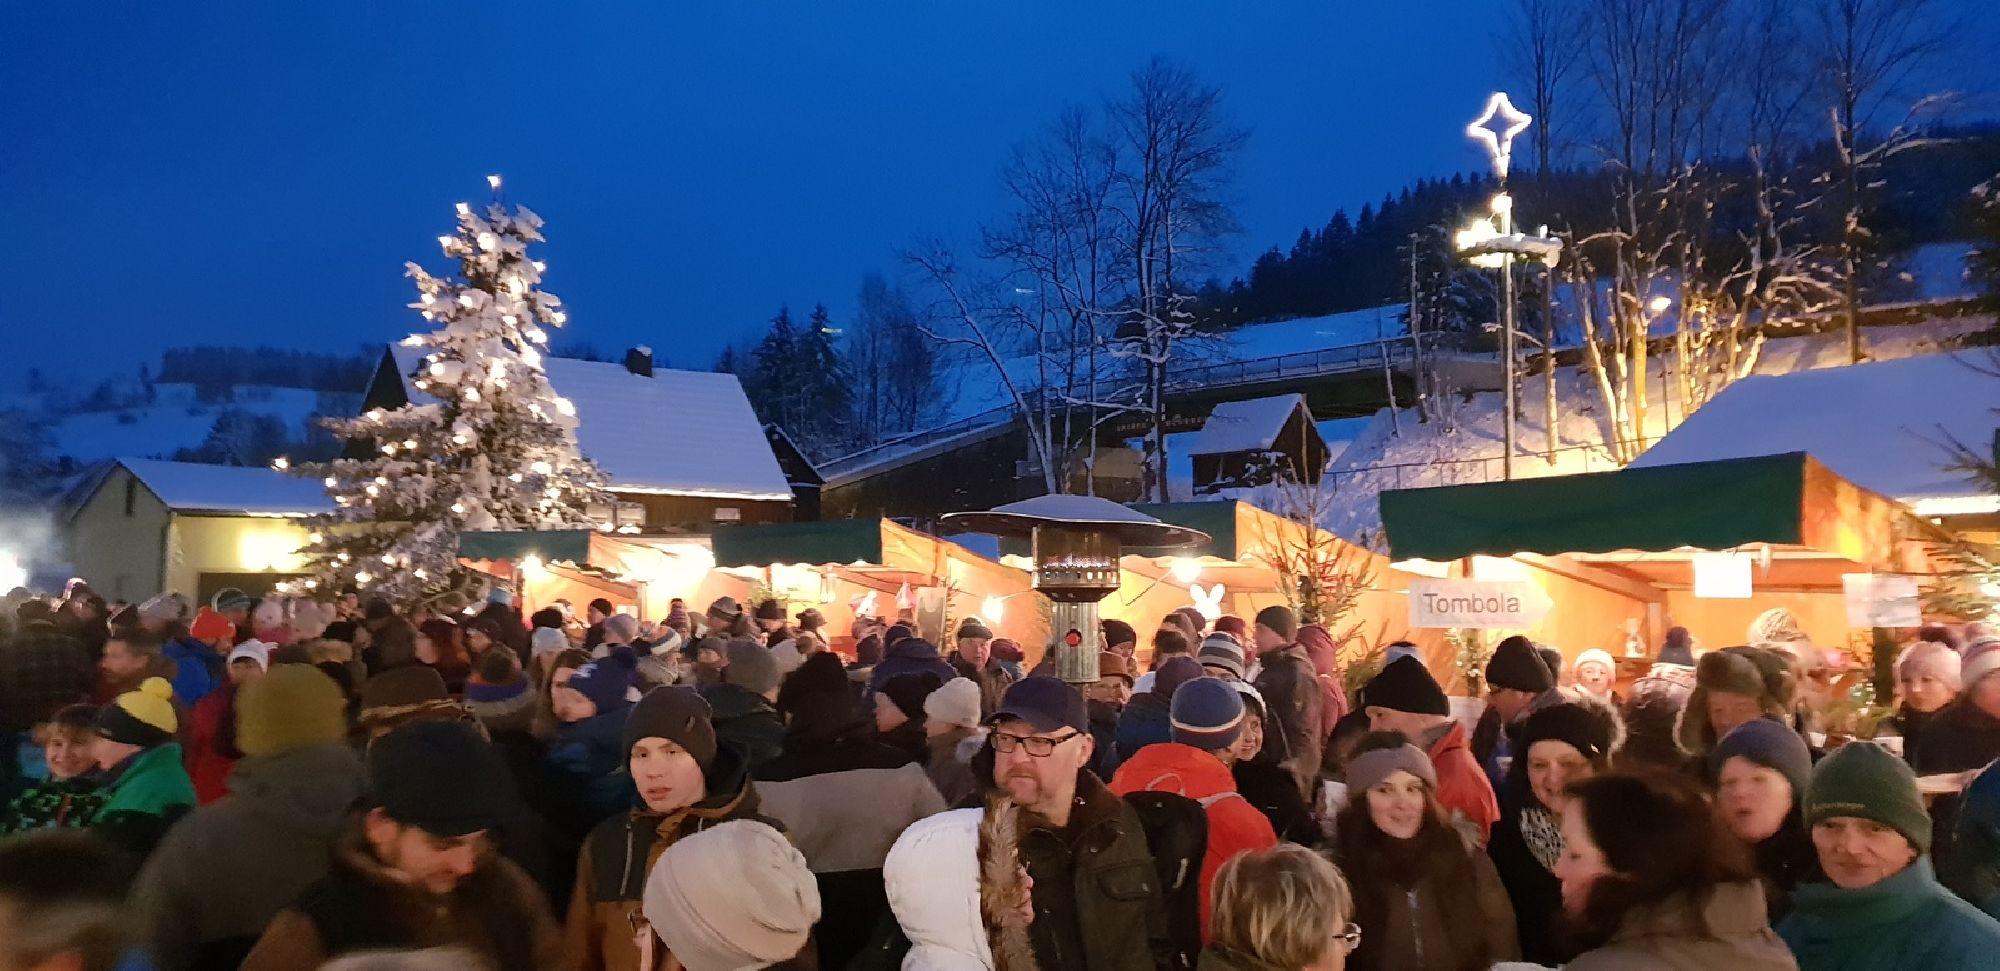 Verschiedene Buden auf dem Weihnachtsmarkt in Rechenberg